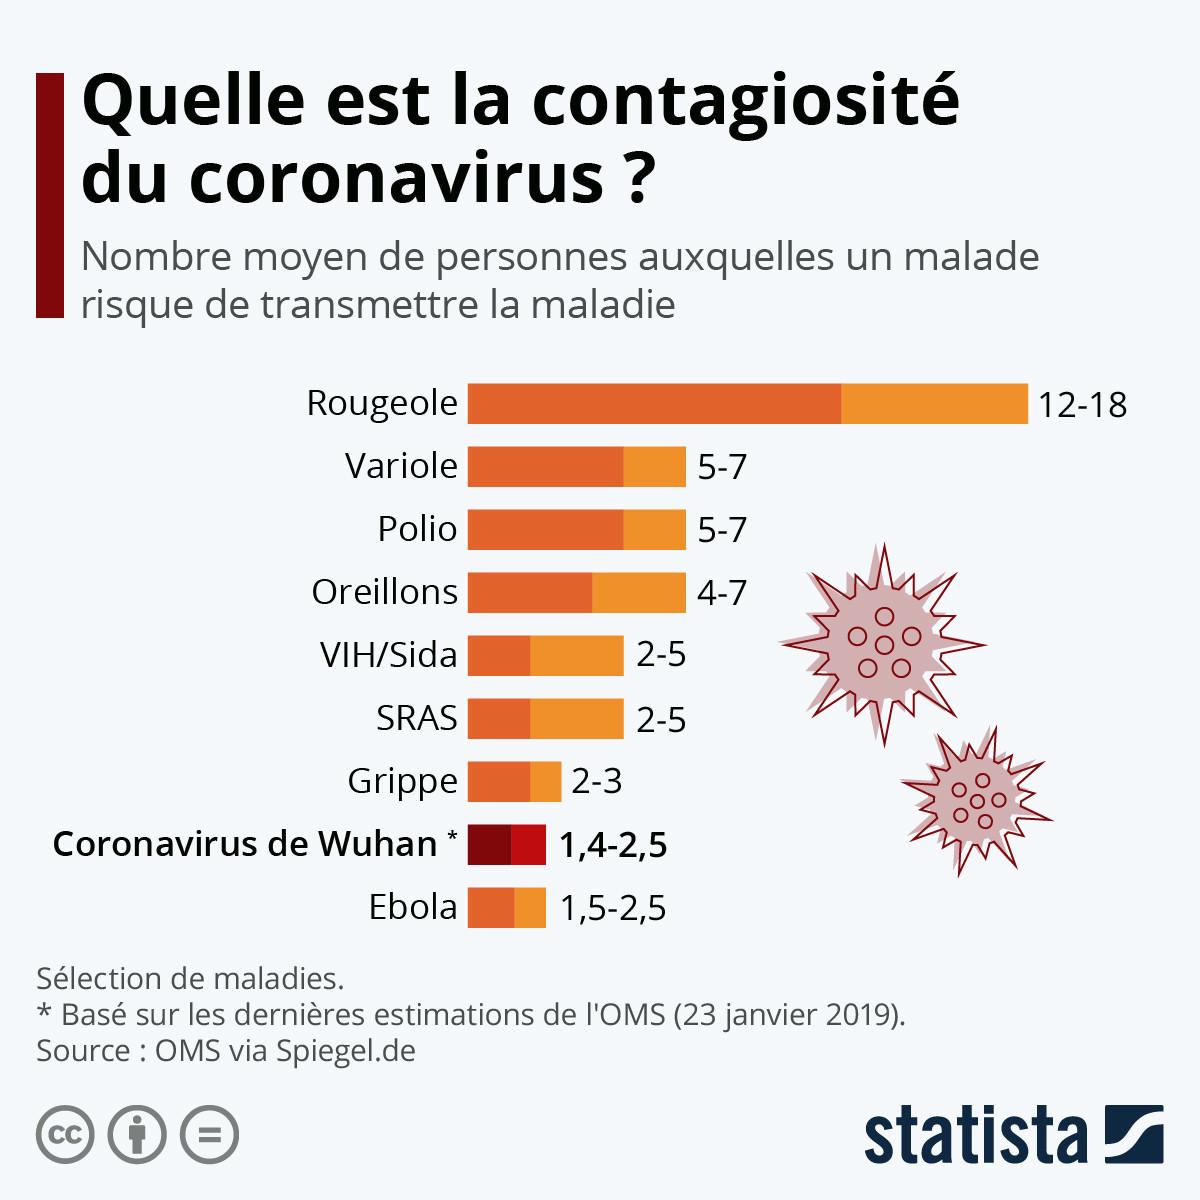 Une infographie sur le taux de contagiosité de différents virus comme le coronavirus.